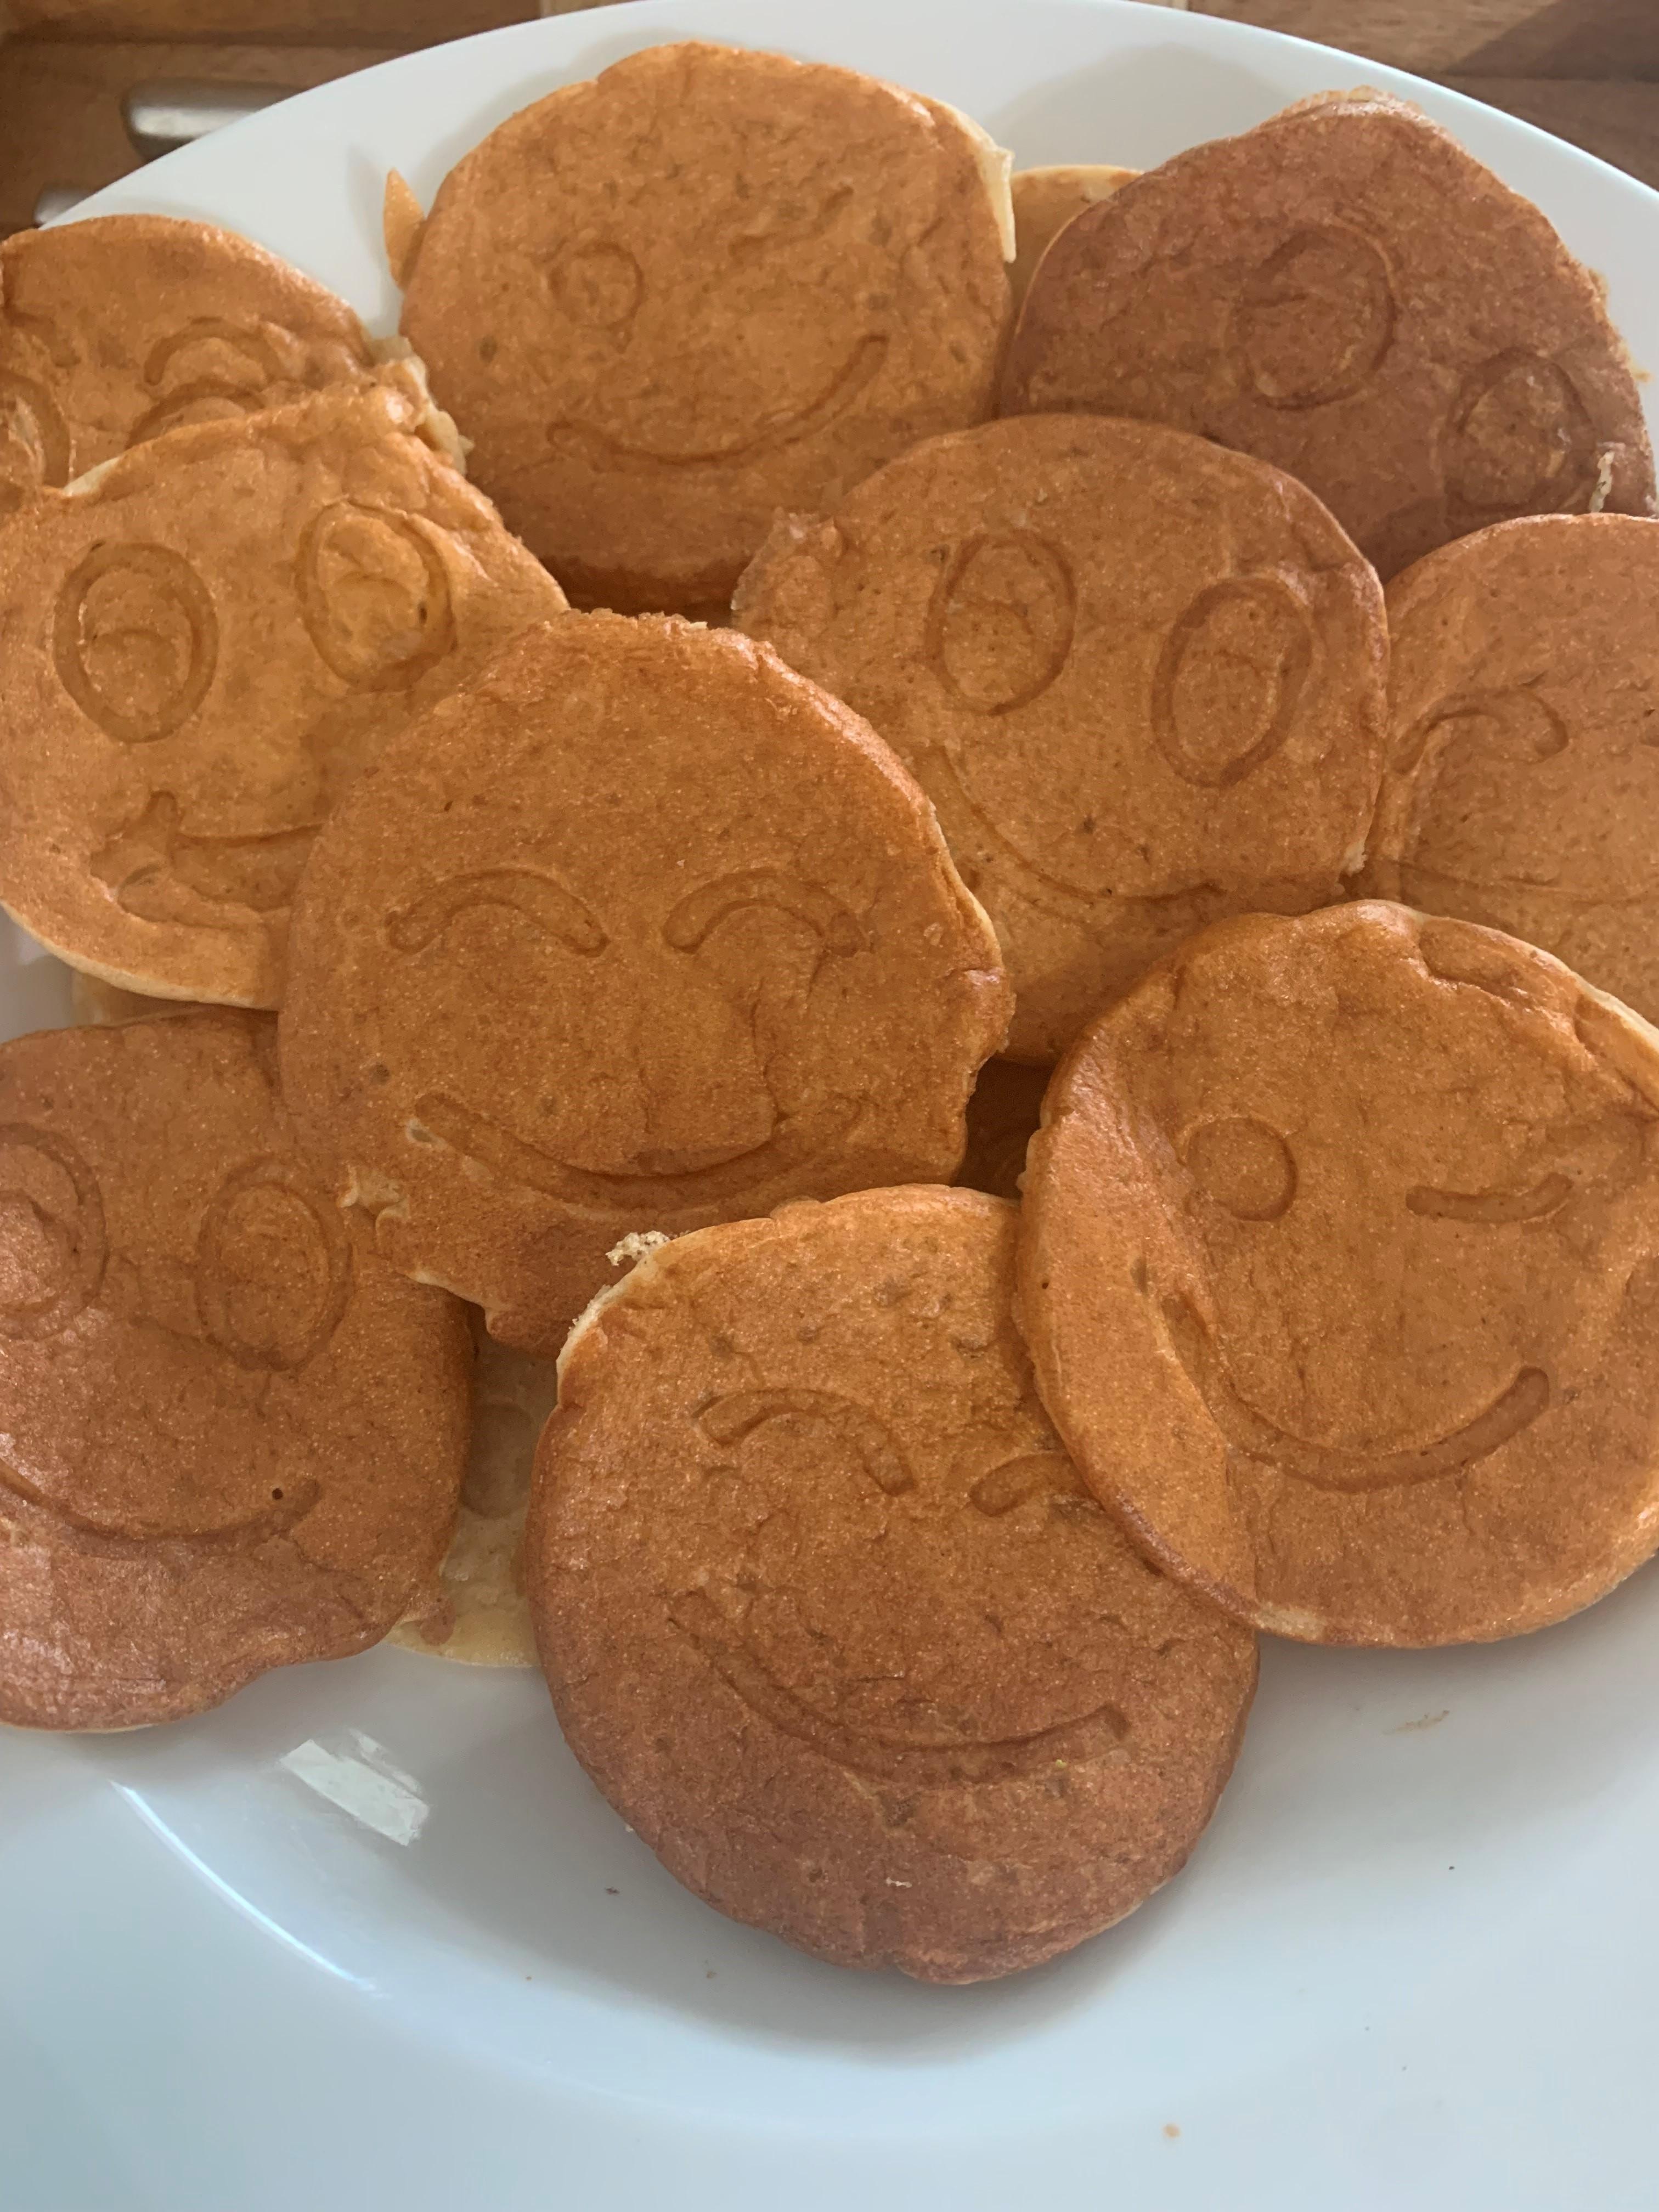 פנקייק בריא לילדים מקמח כוסמין